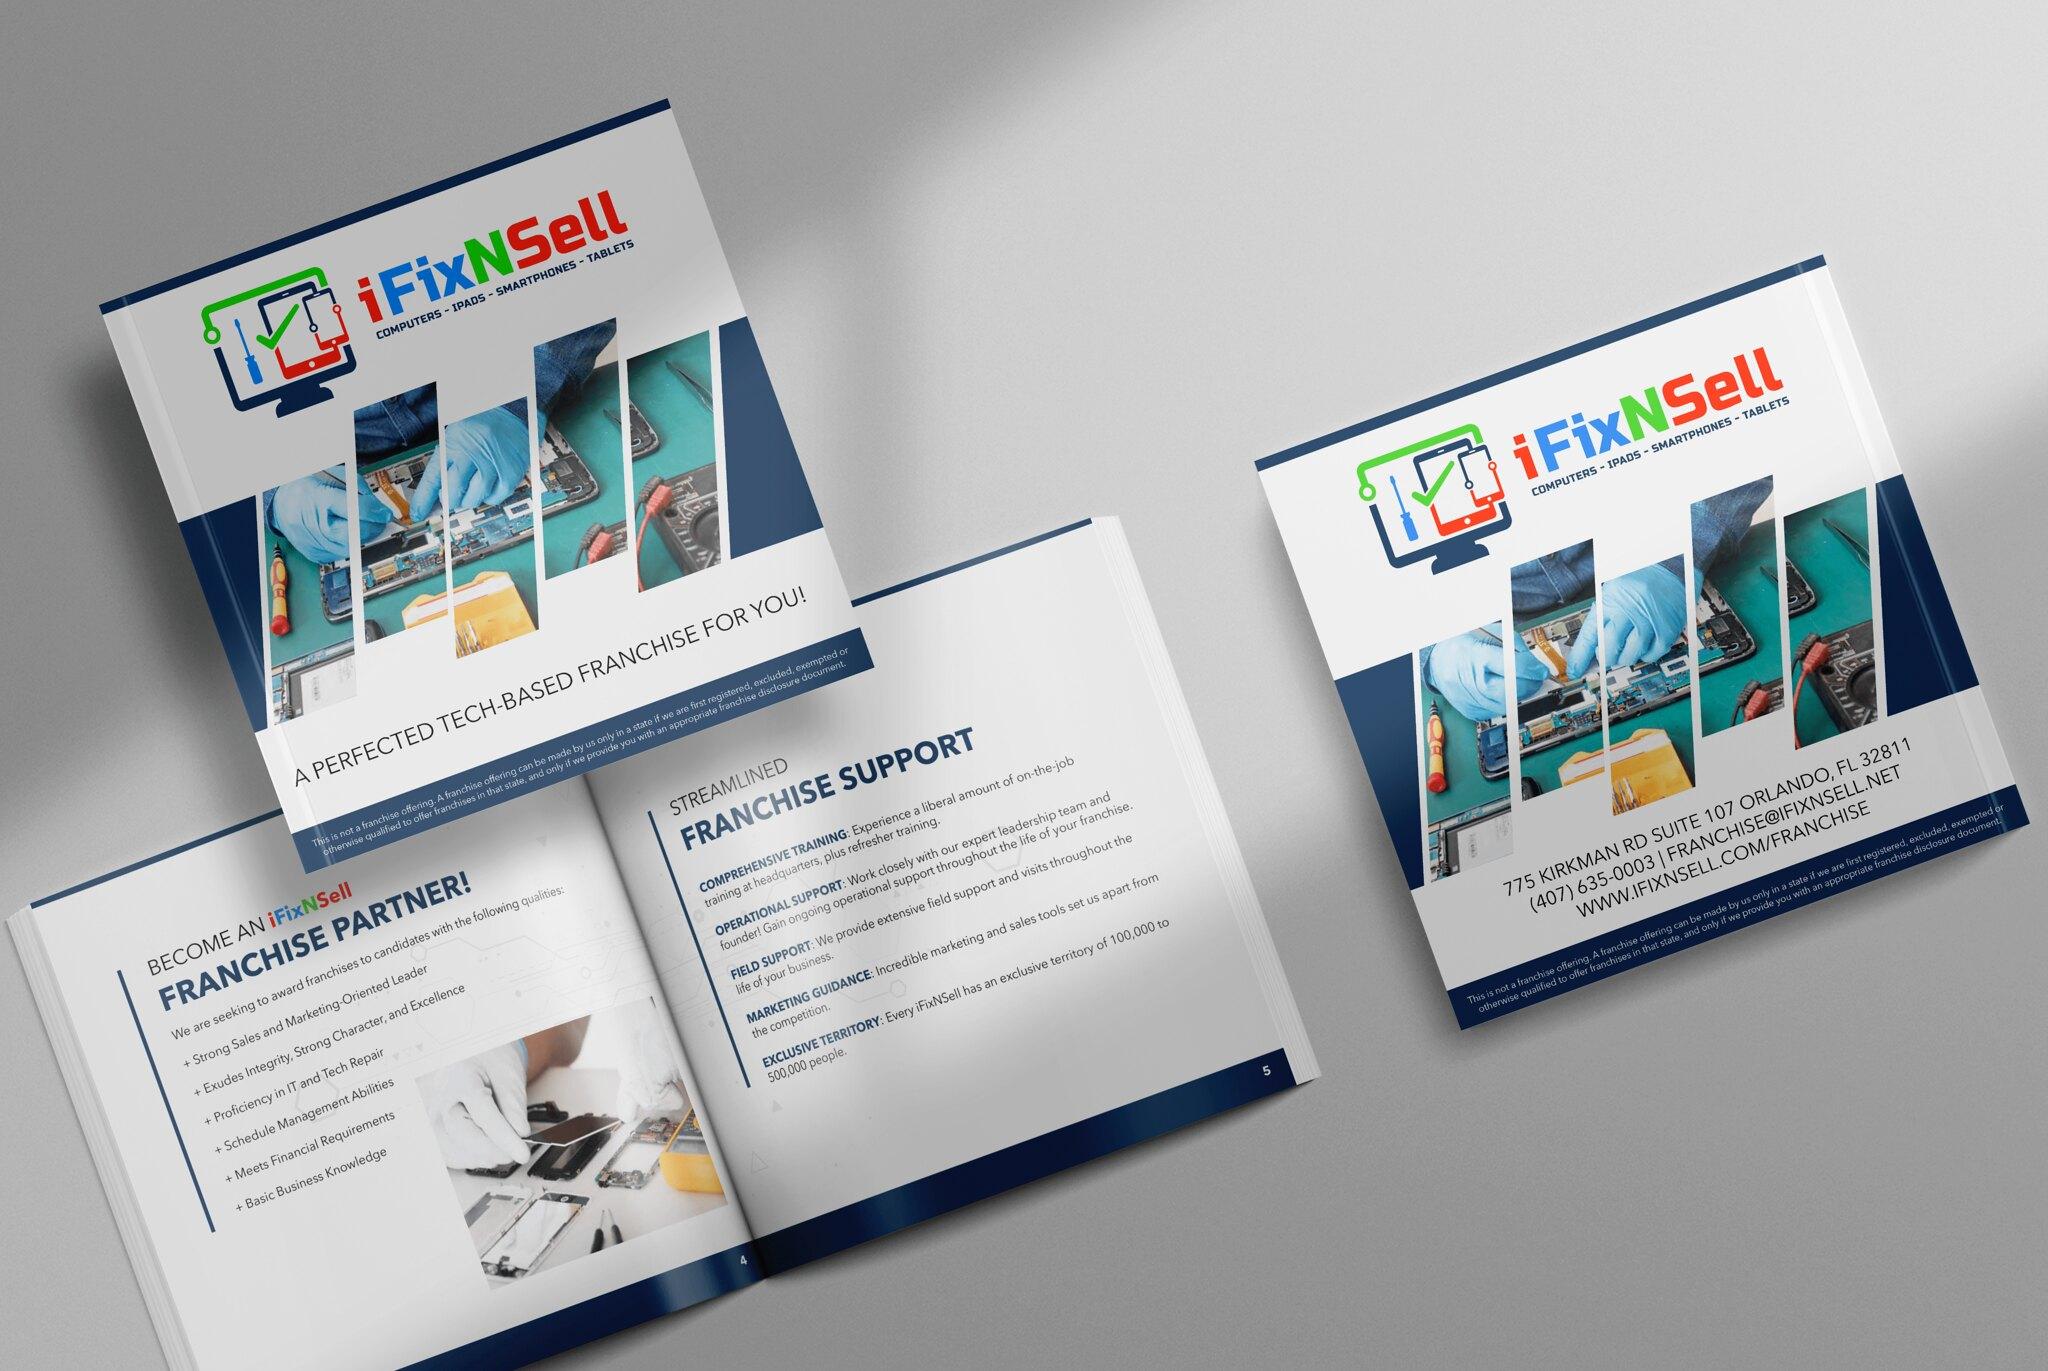 iFixNSell Bifold Brochure Design Tuyen Chau